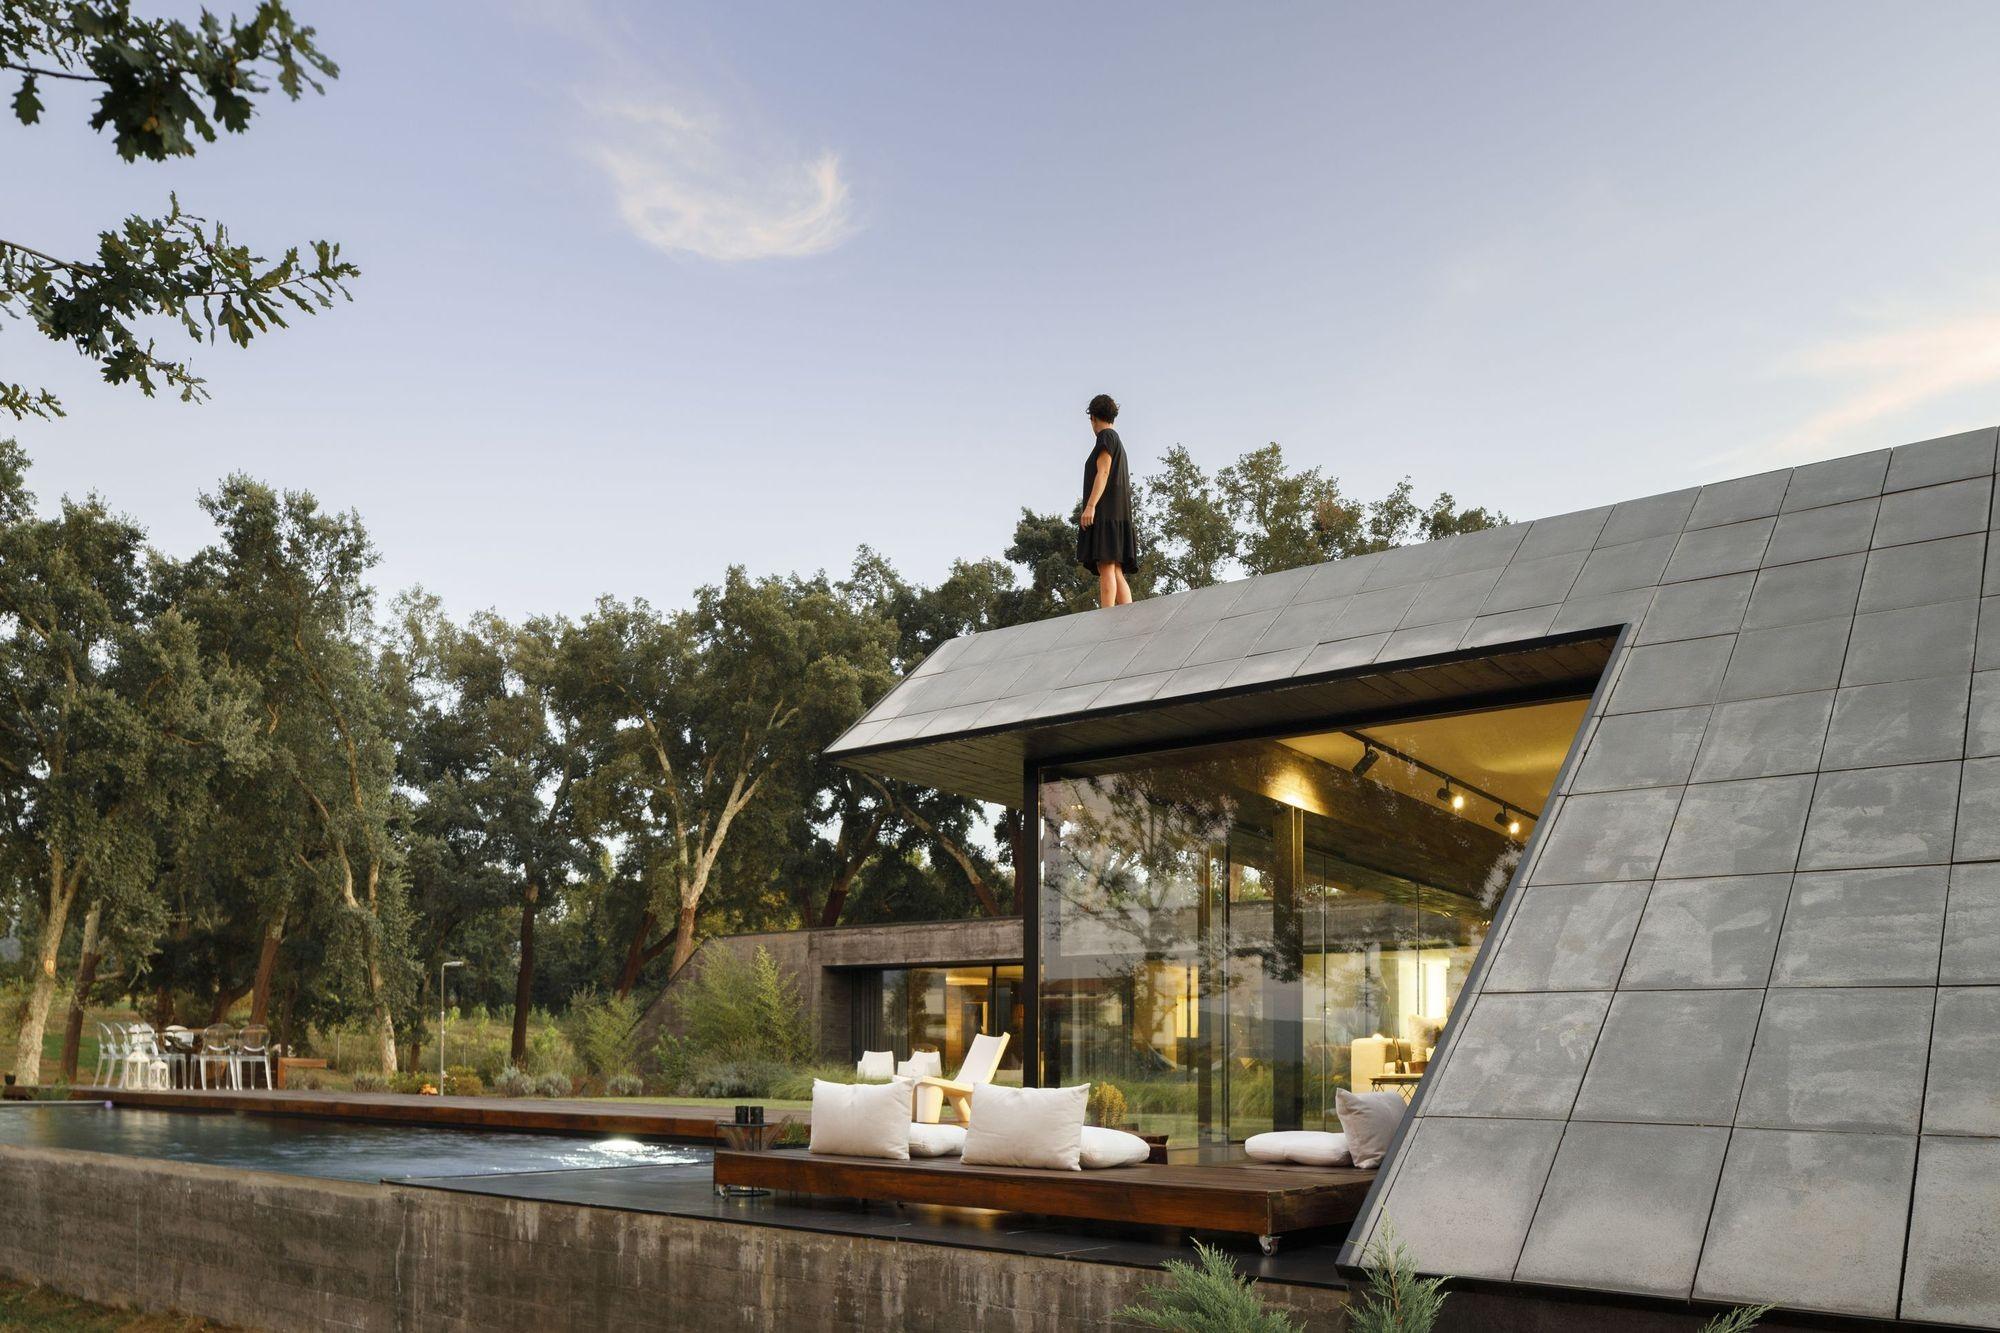 Бетонный дом с креативным дизайном, интегрированный в природный ландшафт